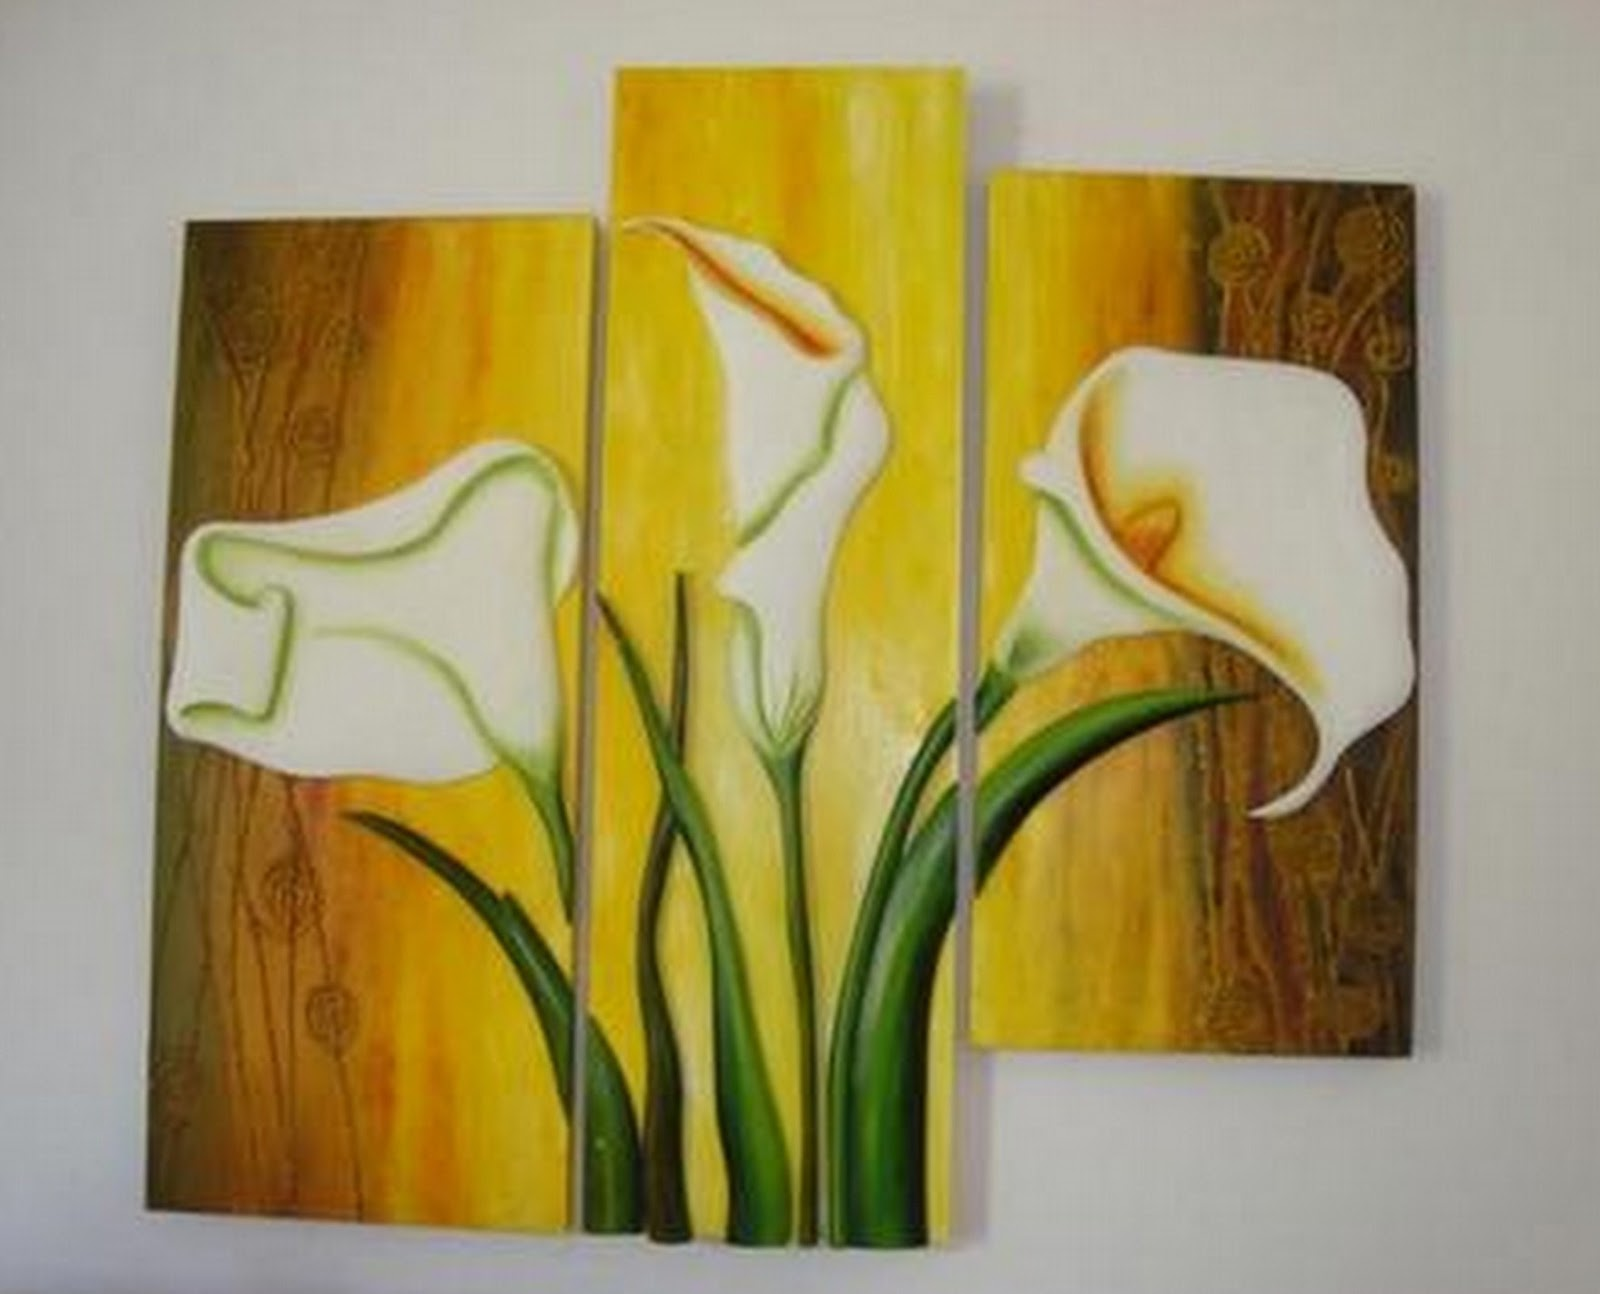 Cuadros modernos pinturas y dibujos flores for Imagenes de cuadros abstractos tripticos